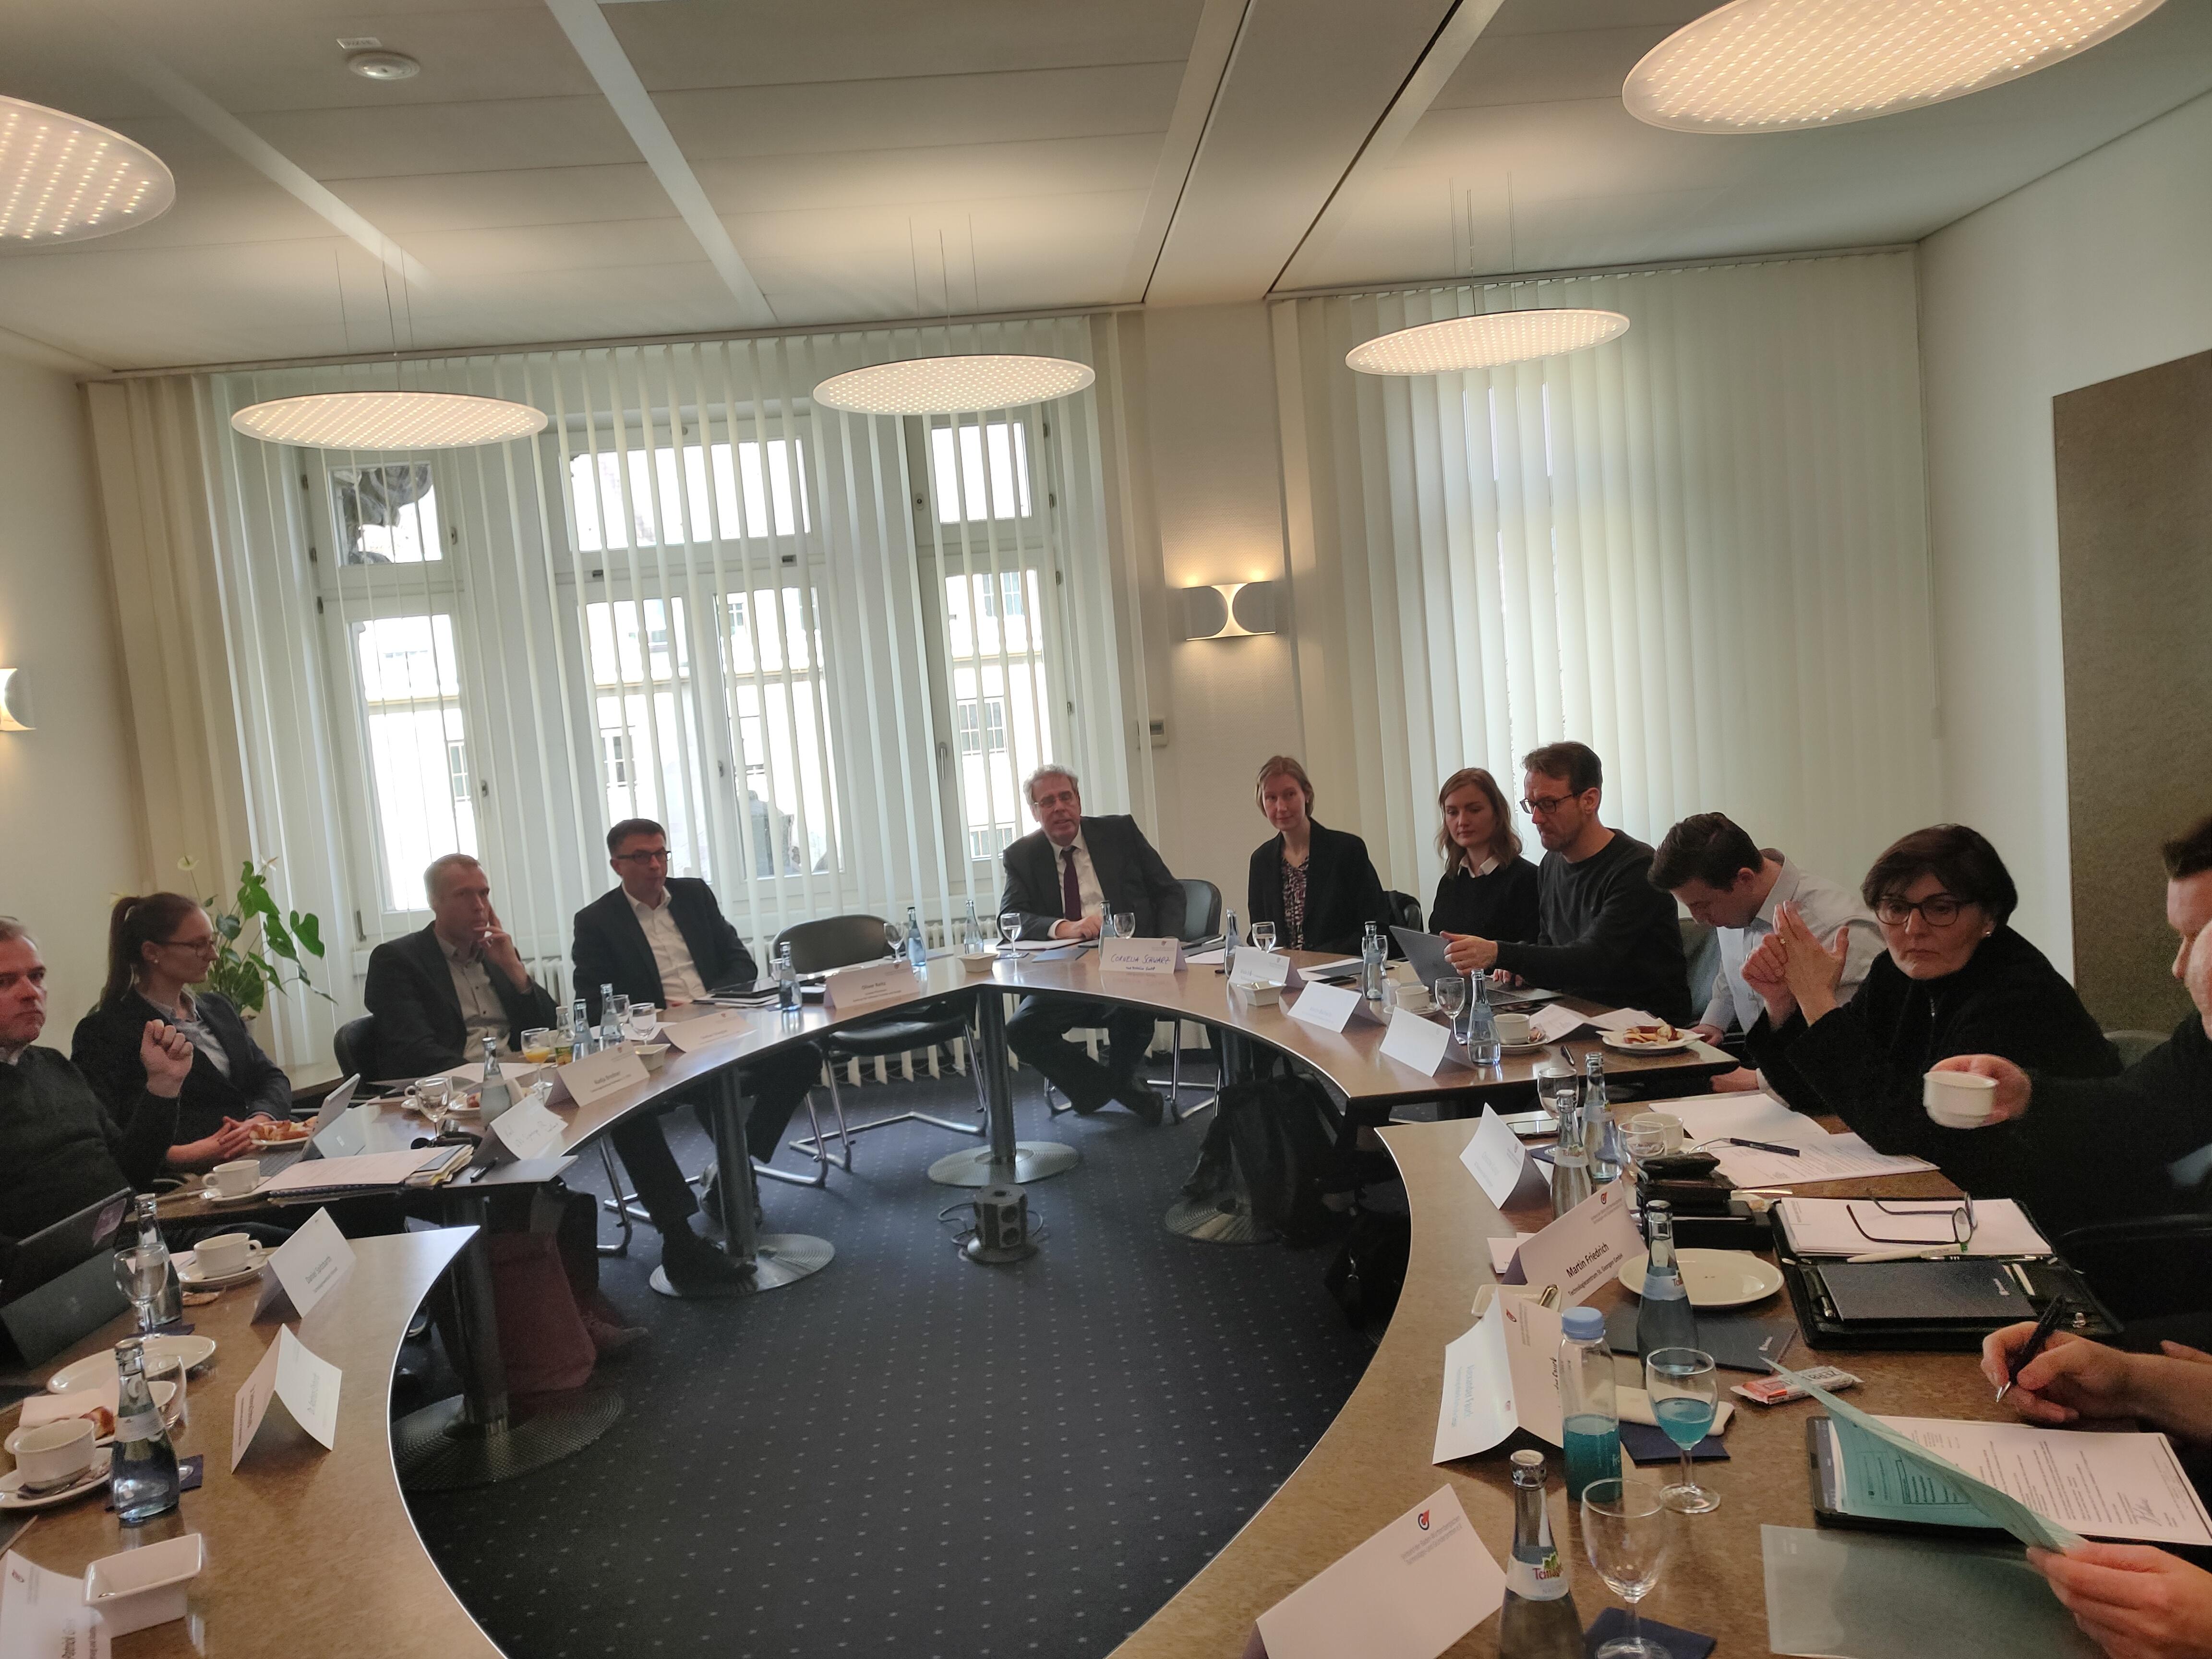 Sitzung im Haus der Wirtschaft, Steinbeis-Stiftung